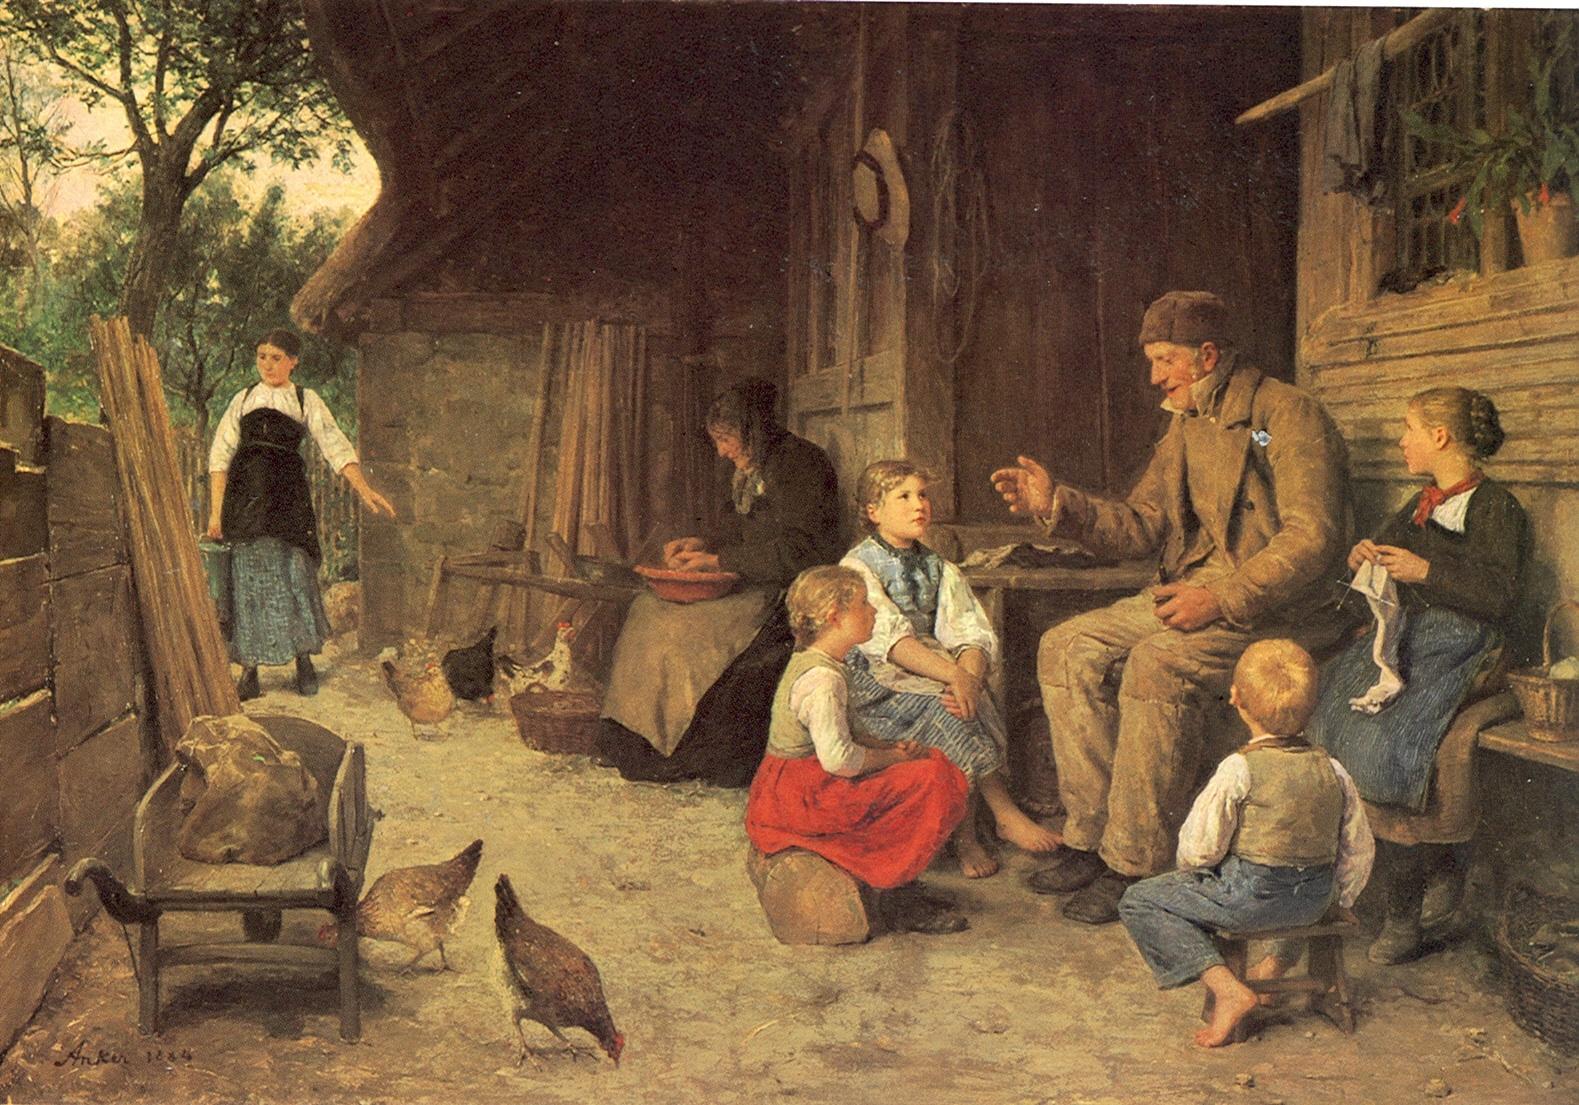 File:Anker Grossvater erzählt eine Geschichte 1884.jpg